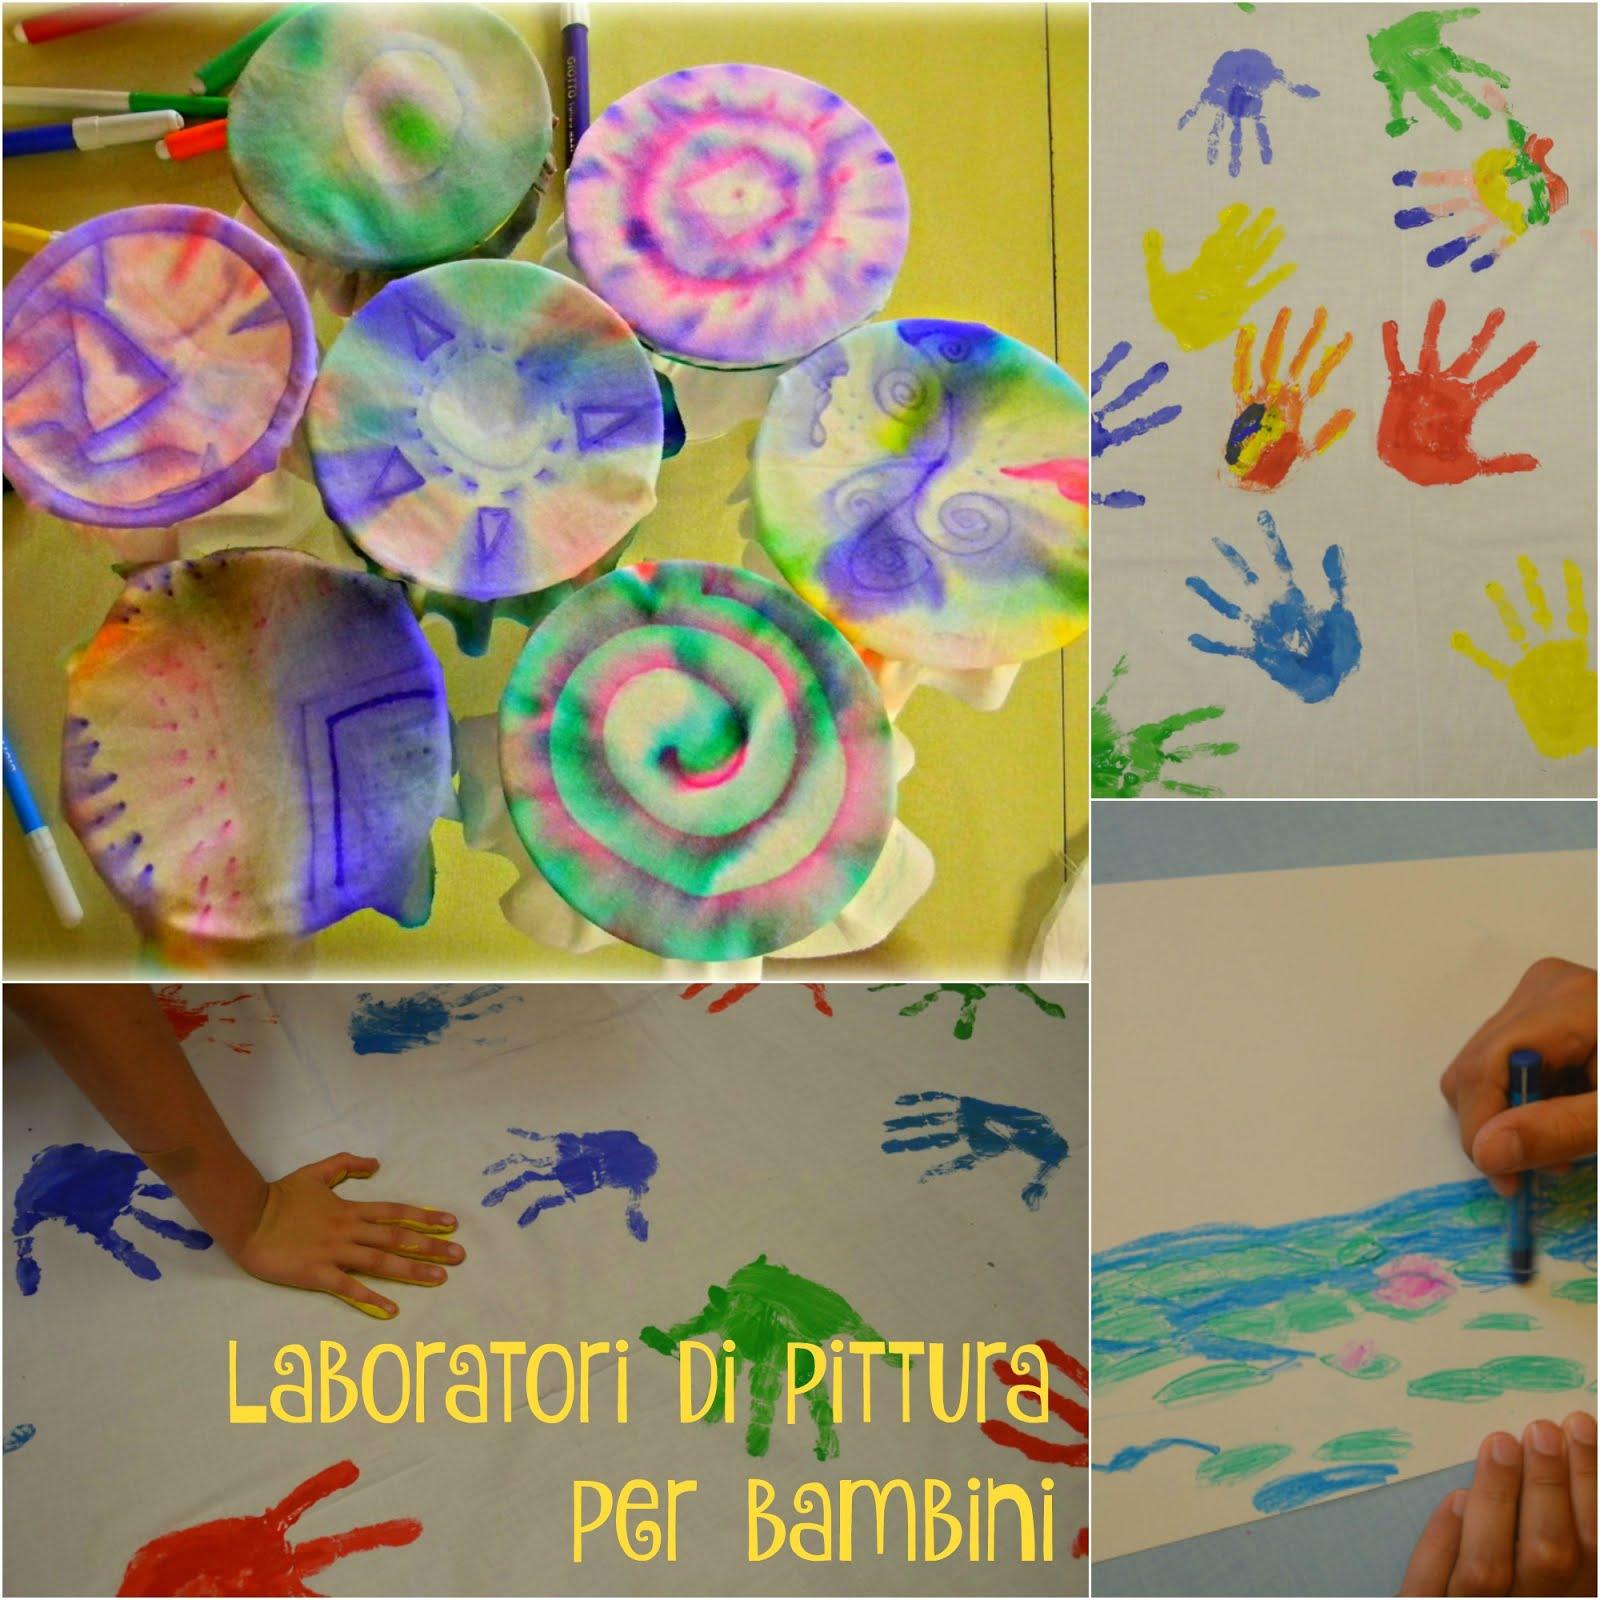 Laboratori di pittura